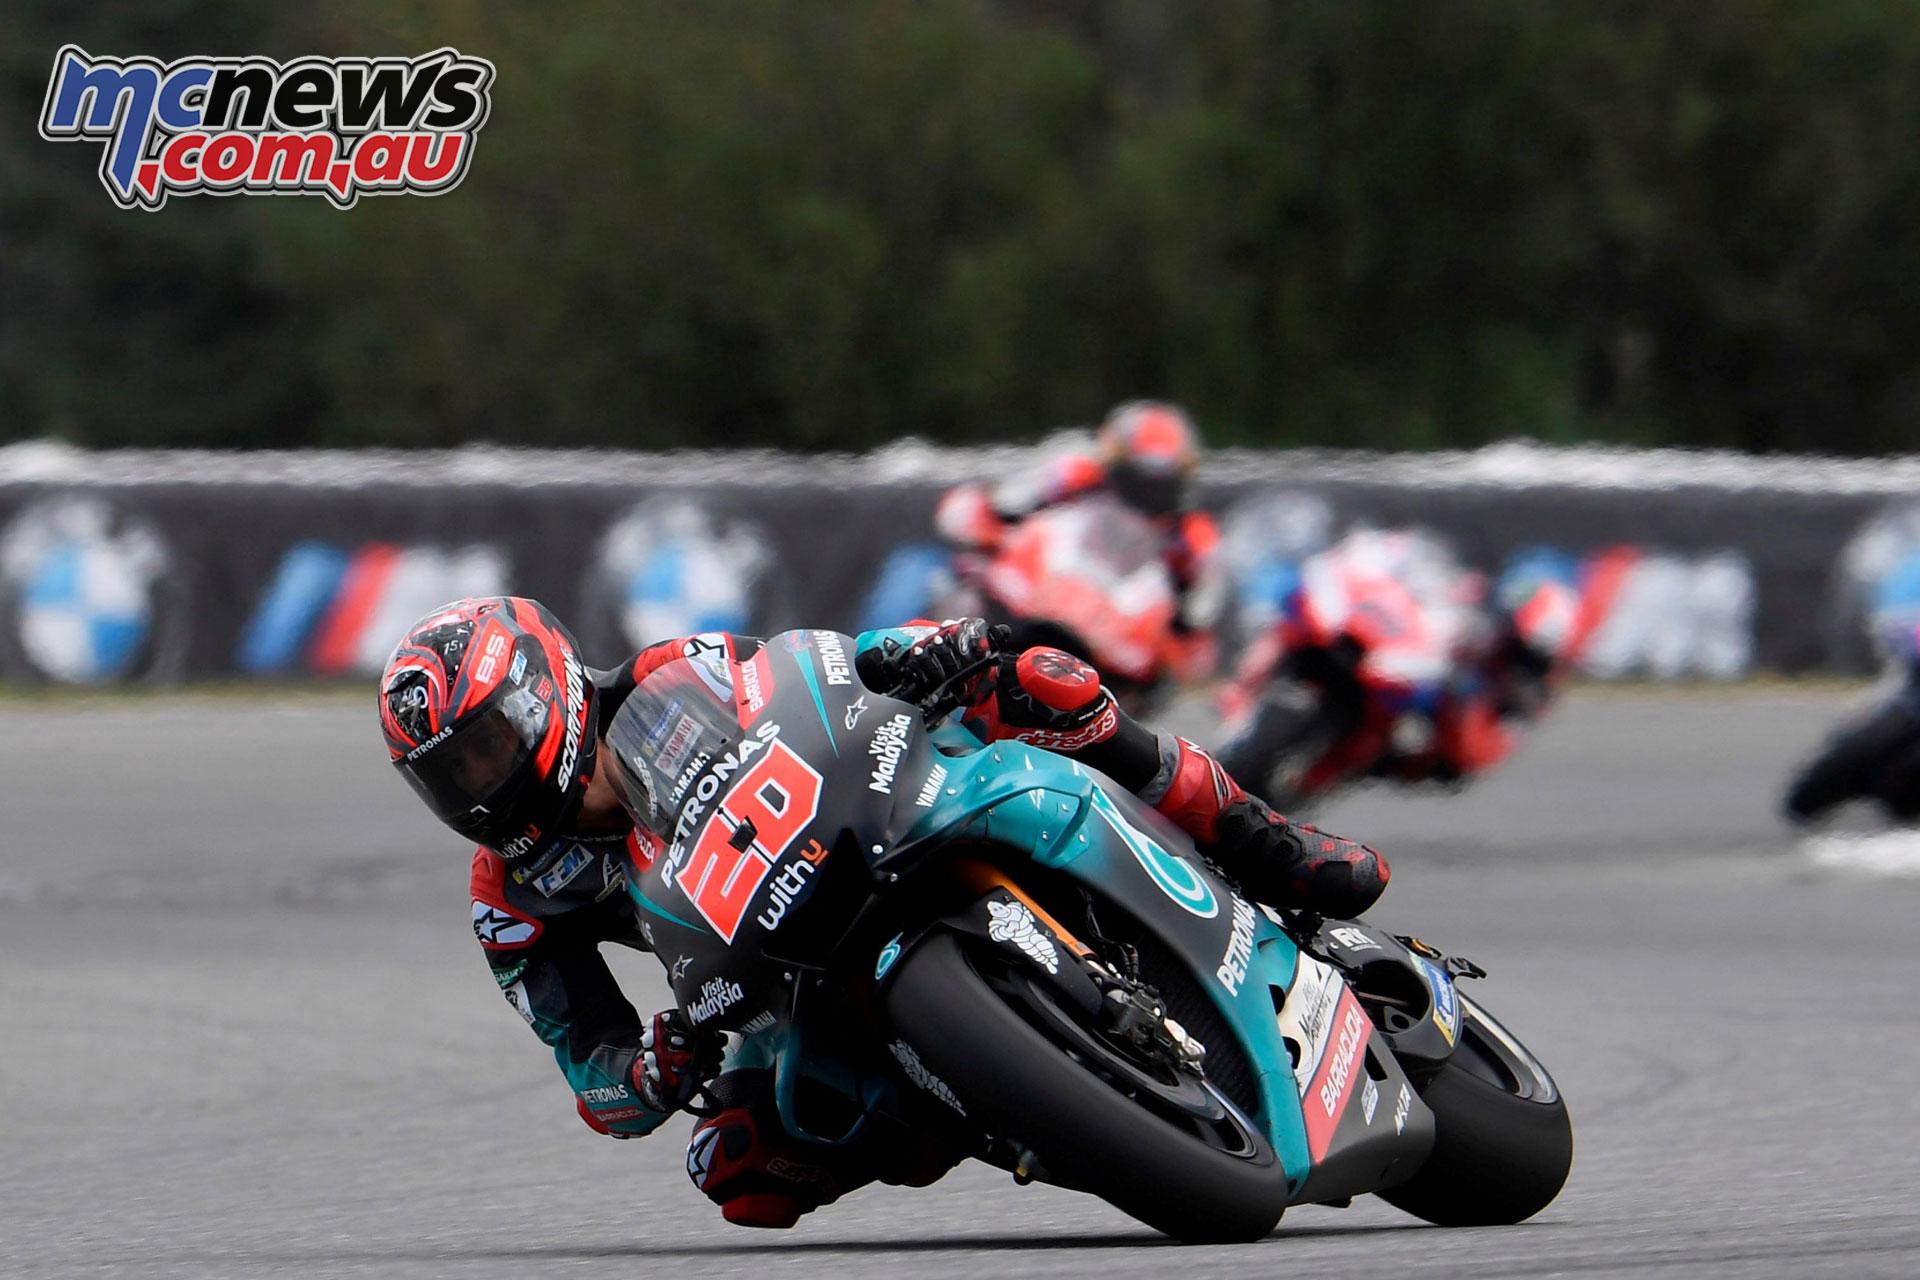 MotoGP Rnd Brno Fabio Quartararo